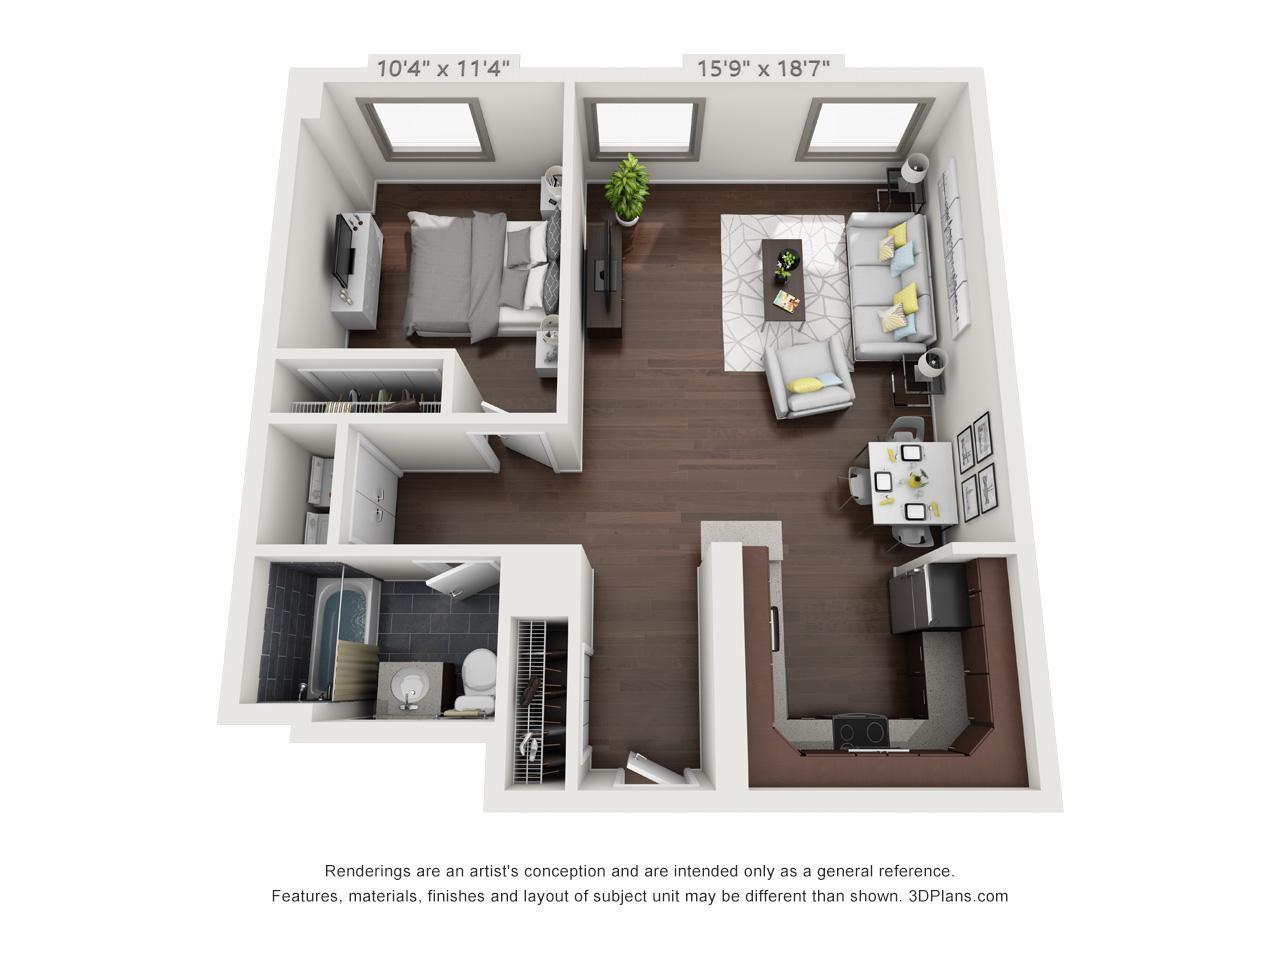 spring garden apartments - 1 bed